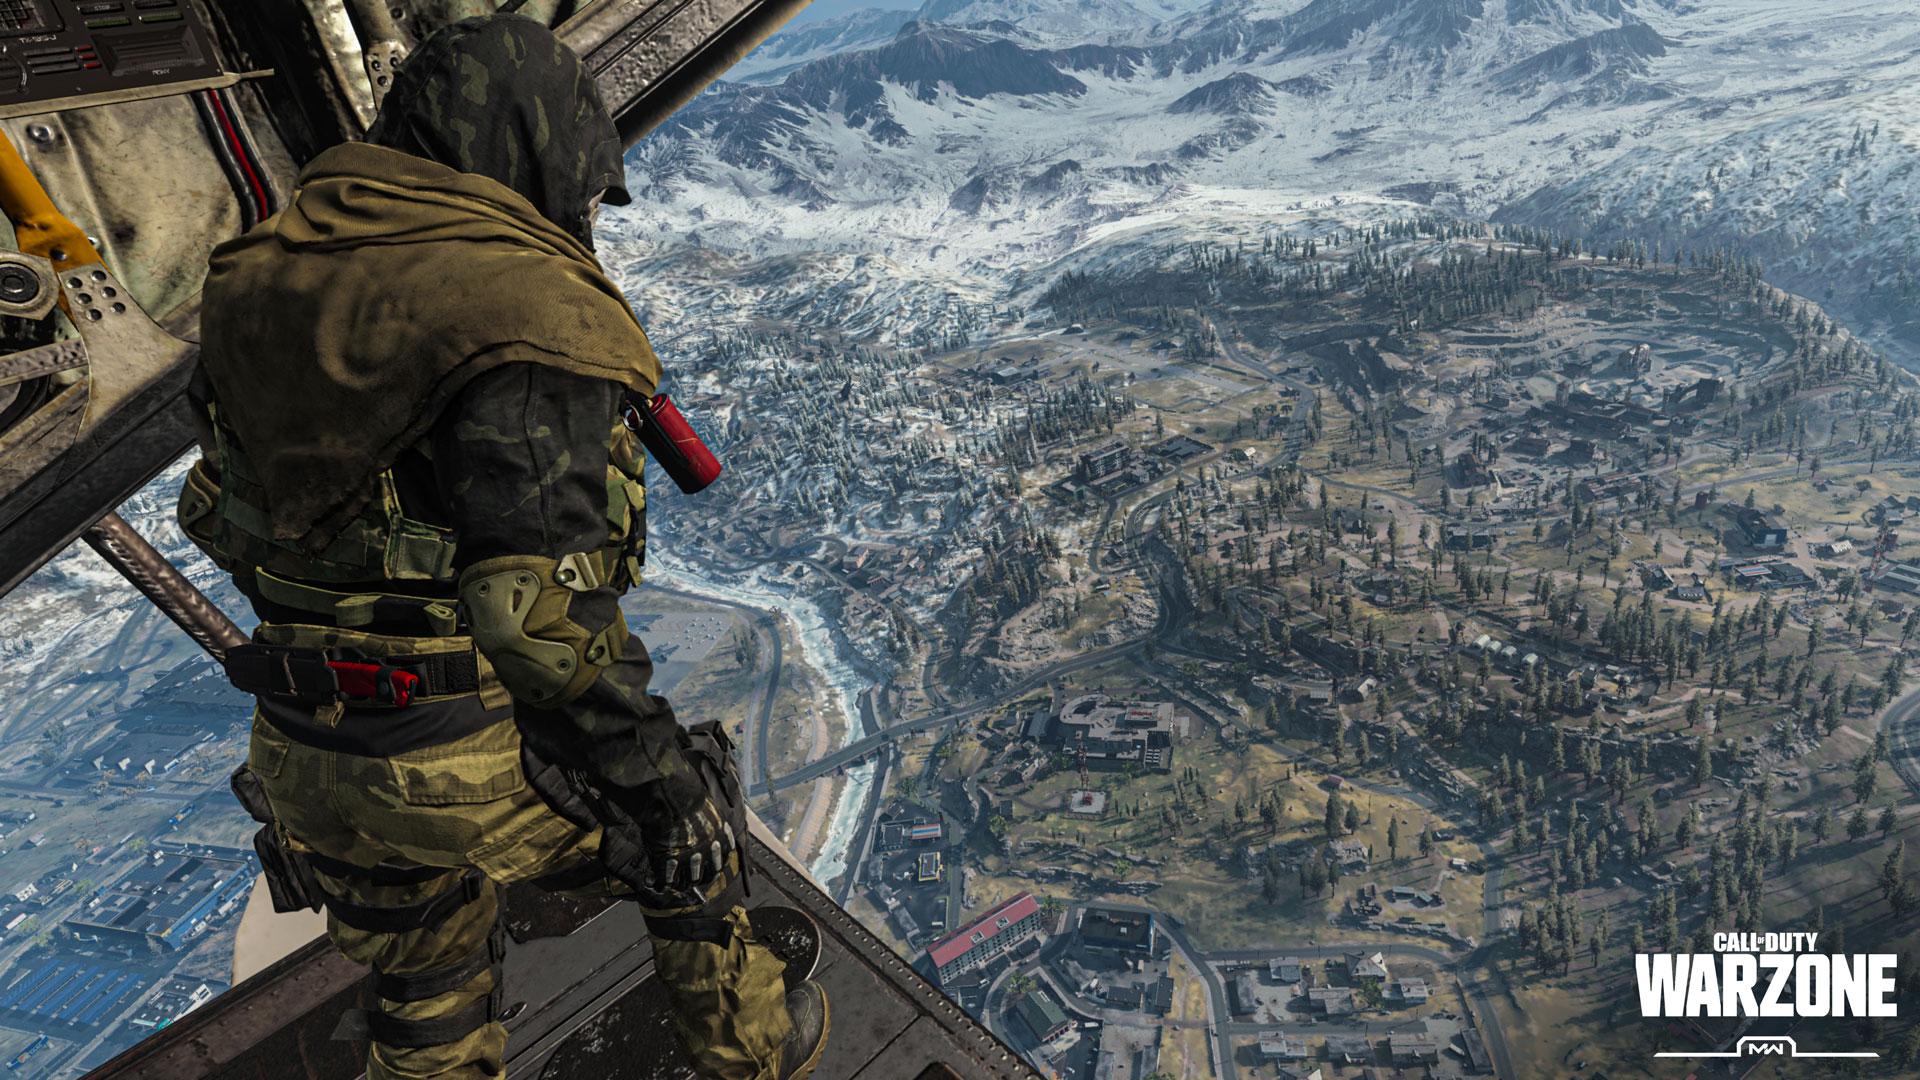 A Activision alertou usuários de PlayStation 4 de 500GB, dizendo que se quiserem manter Call of Duty: Warzone, Modern Warfare e Black Ops Cold War, o HD padrão não será suficiente.